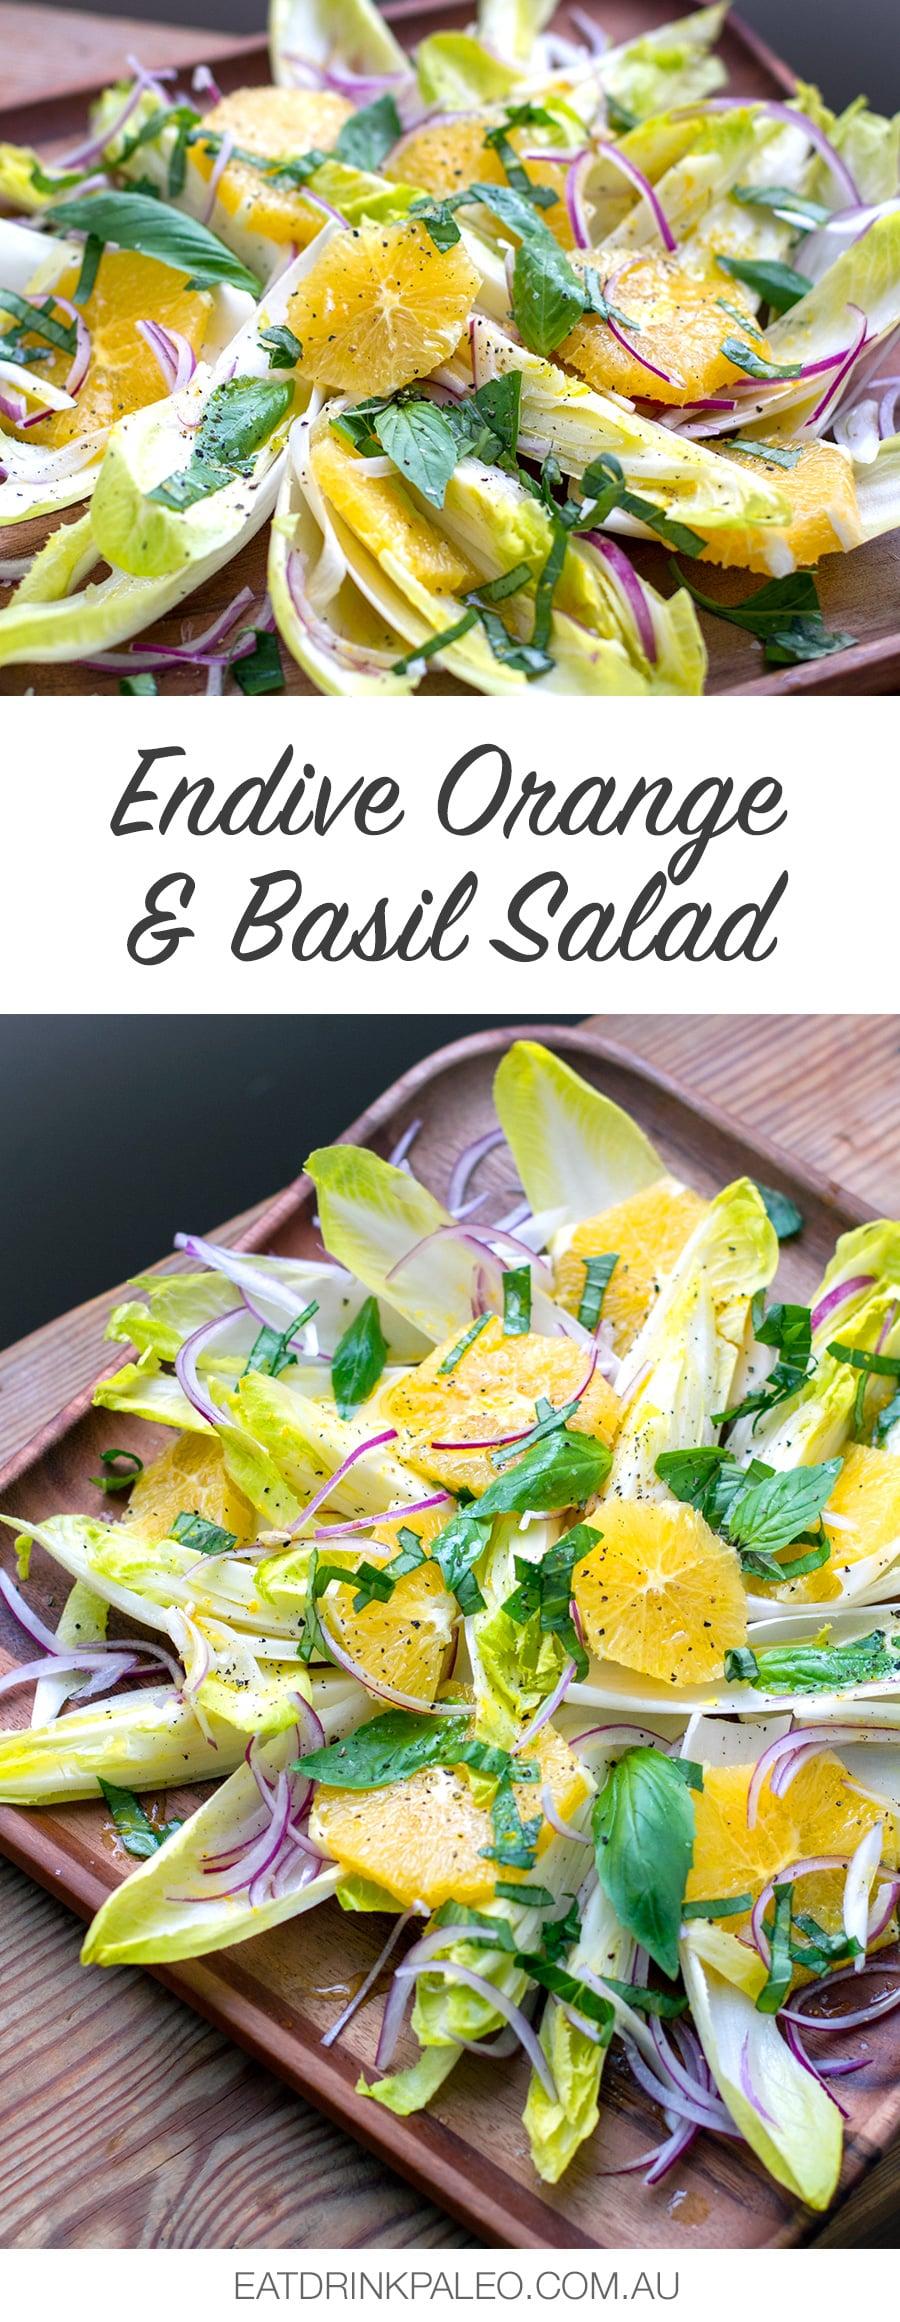 Endive Orange & Basil Salad (Paleo, Gluten-free, Vegan)